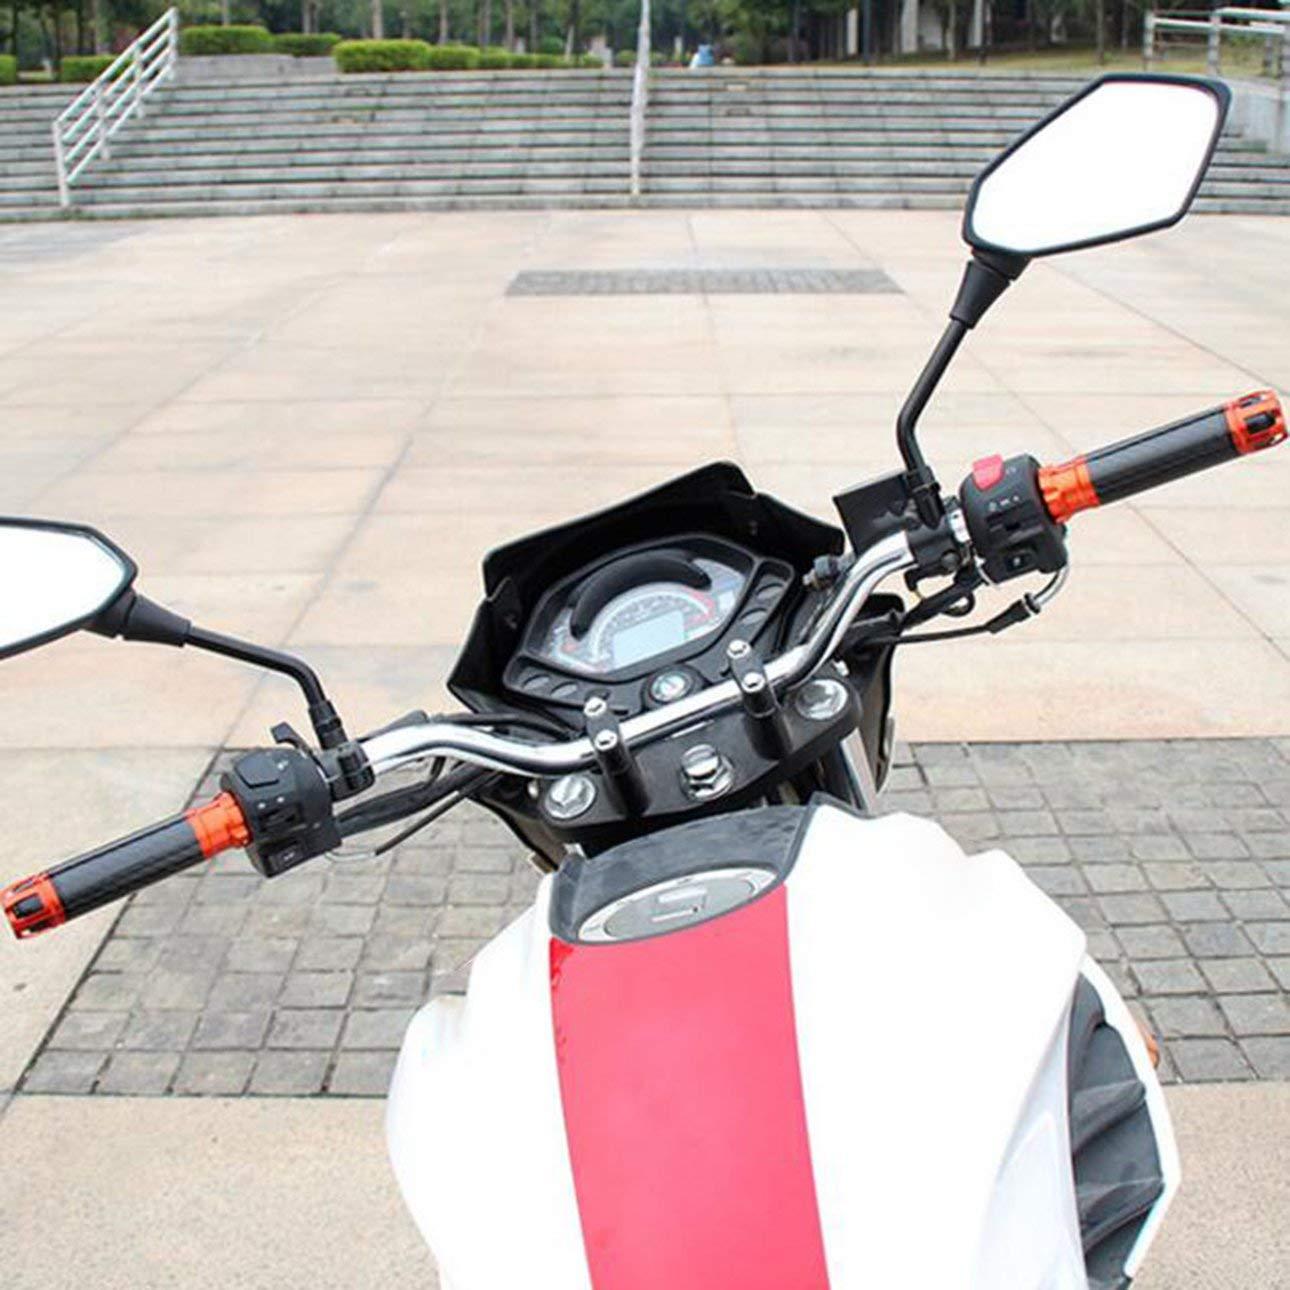 Pudincoco R/étroviseurs de Voiture R/étroviseurs de Moto R/étroviseurs convexes R/étroviseurs universels modifi/és HD Grand Angle